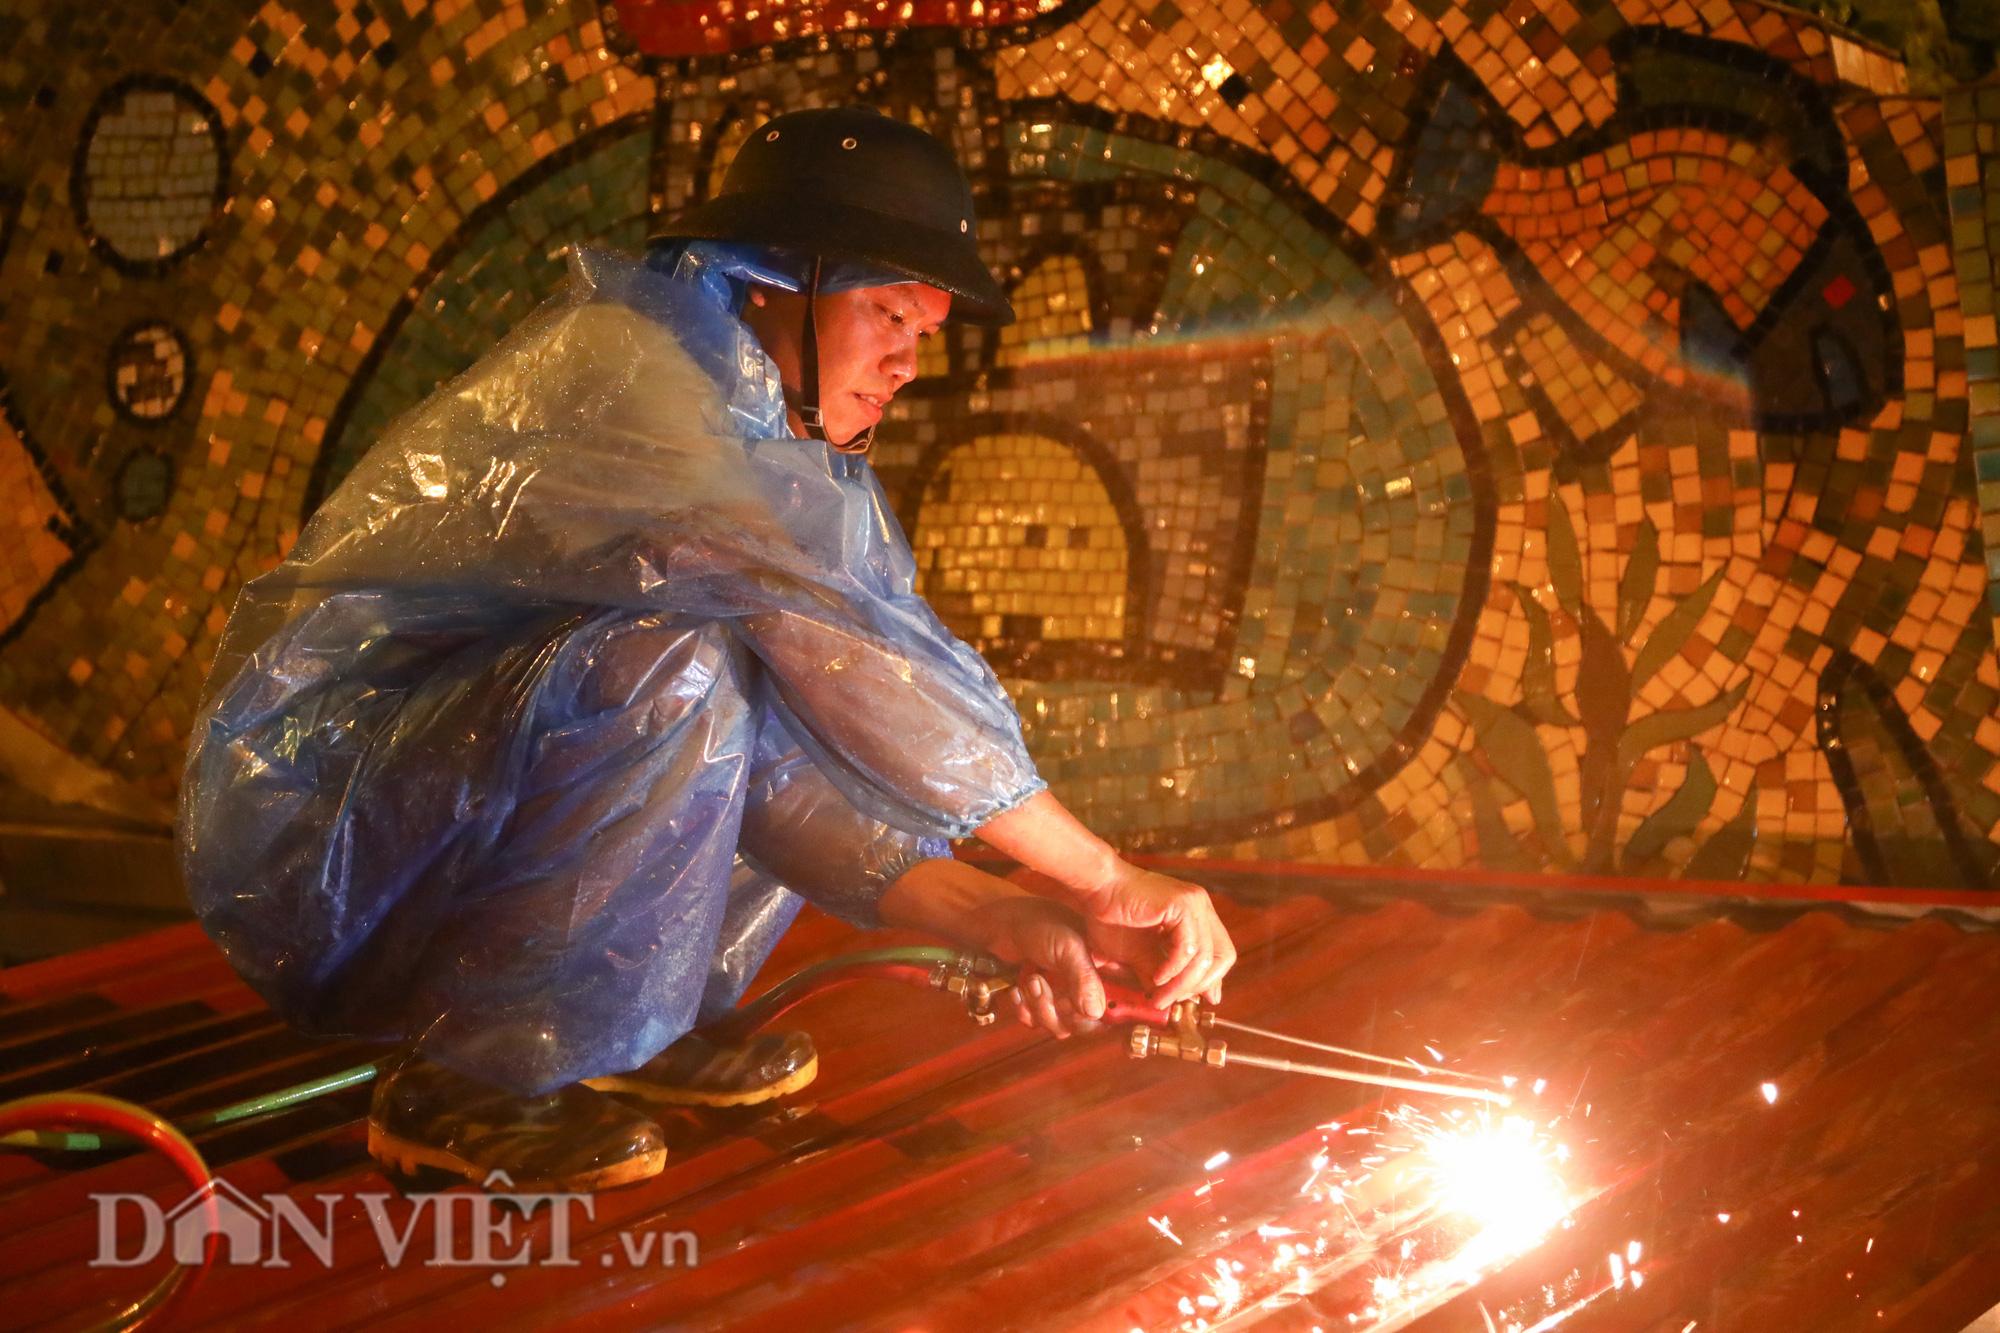 Đội mưa giông dọn mái tôn bay xuống giữa đường gốm sứ Hà Nội - Ảnh 5.